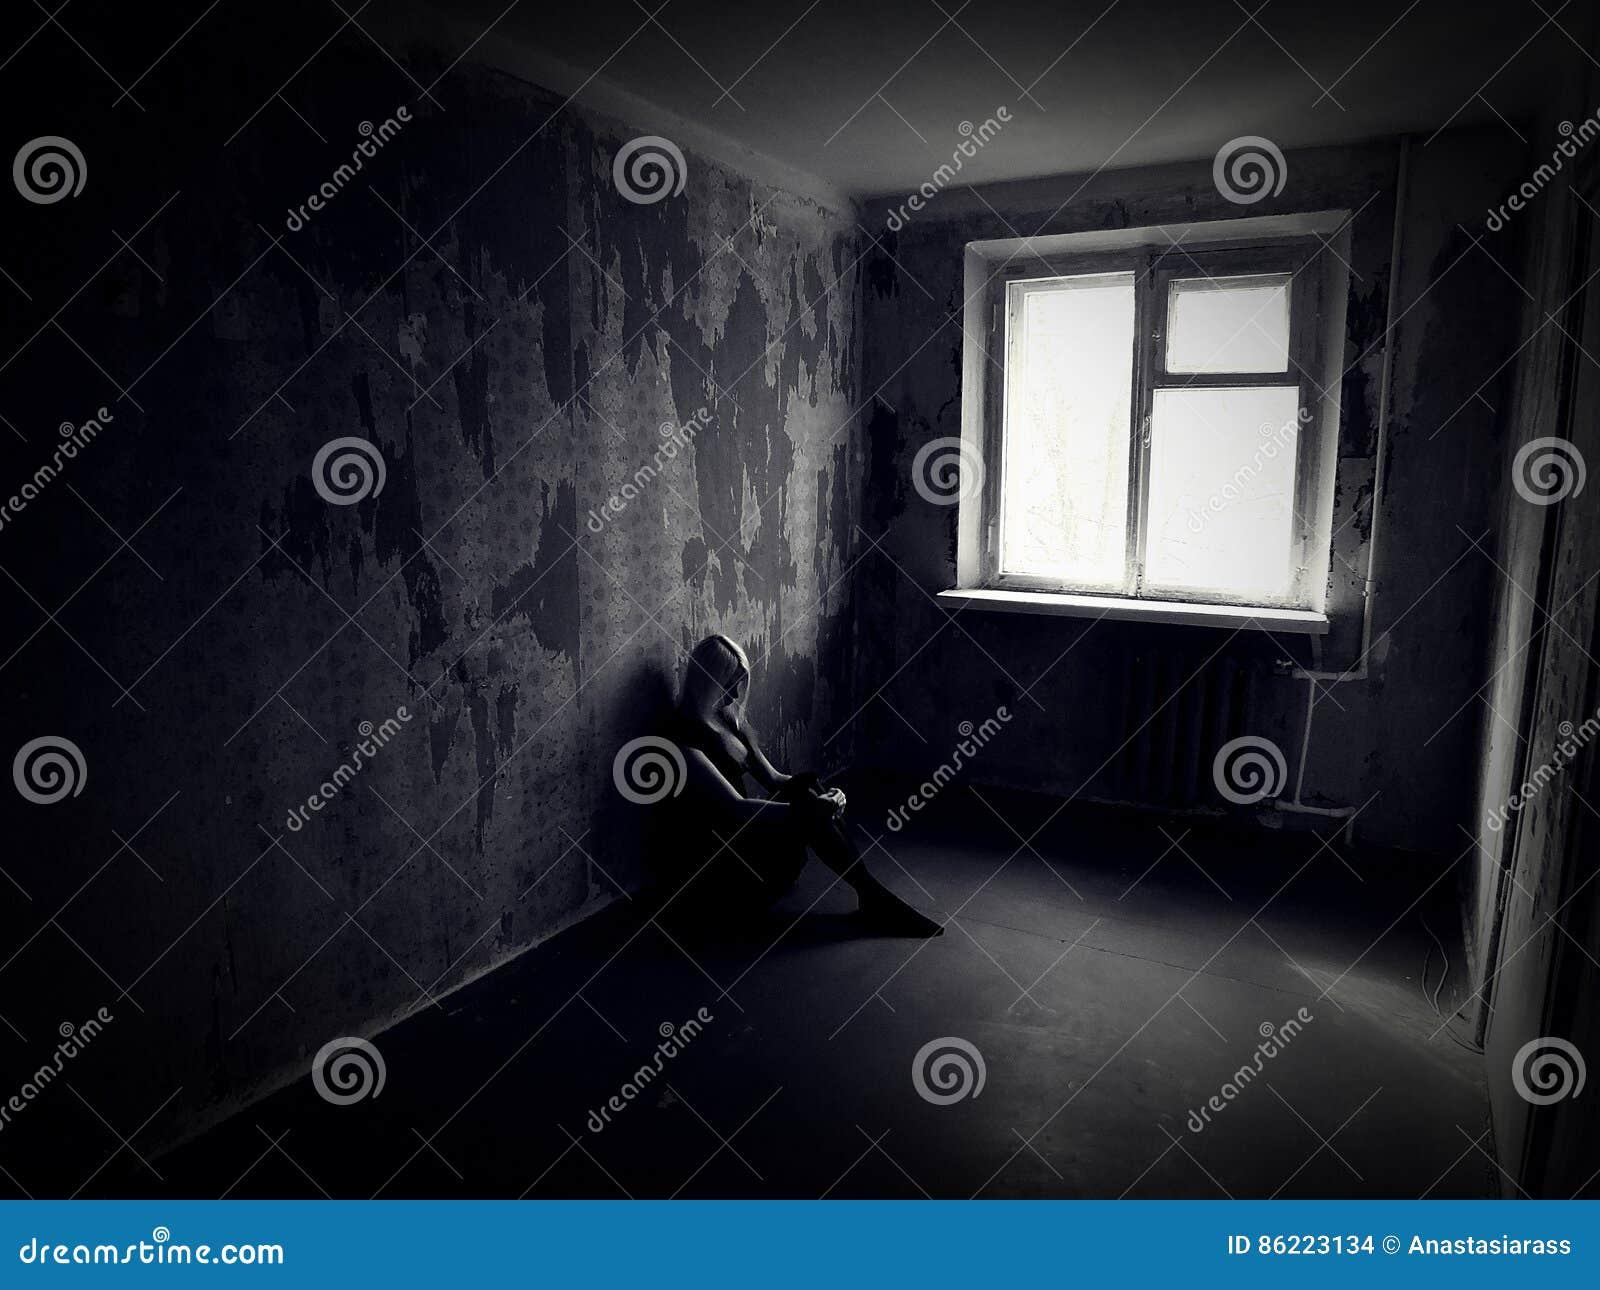 Mädchen in einem verlassenen gruseligen Raum